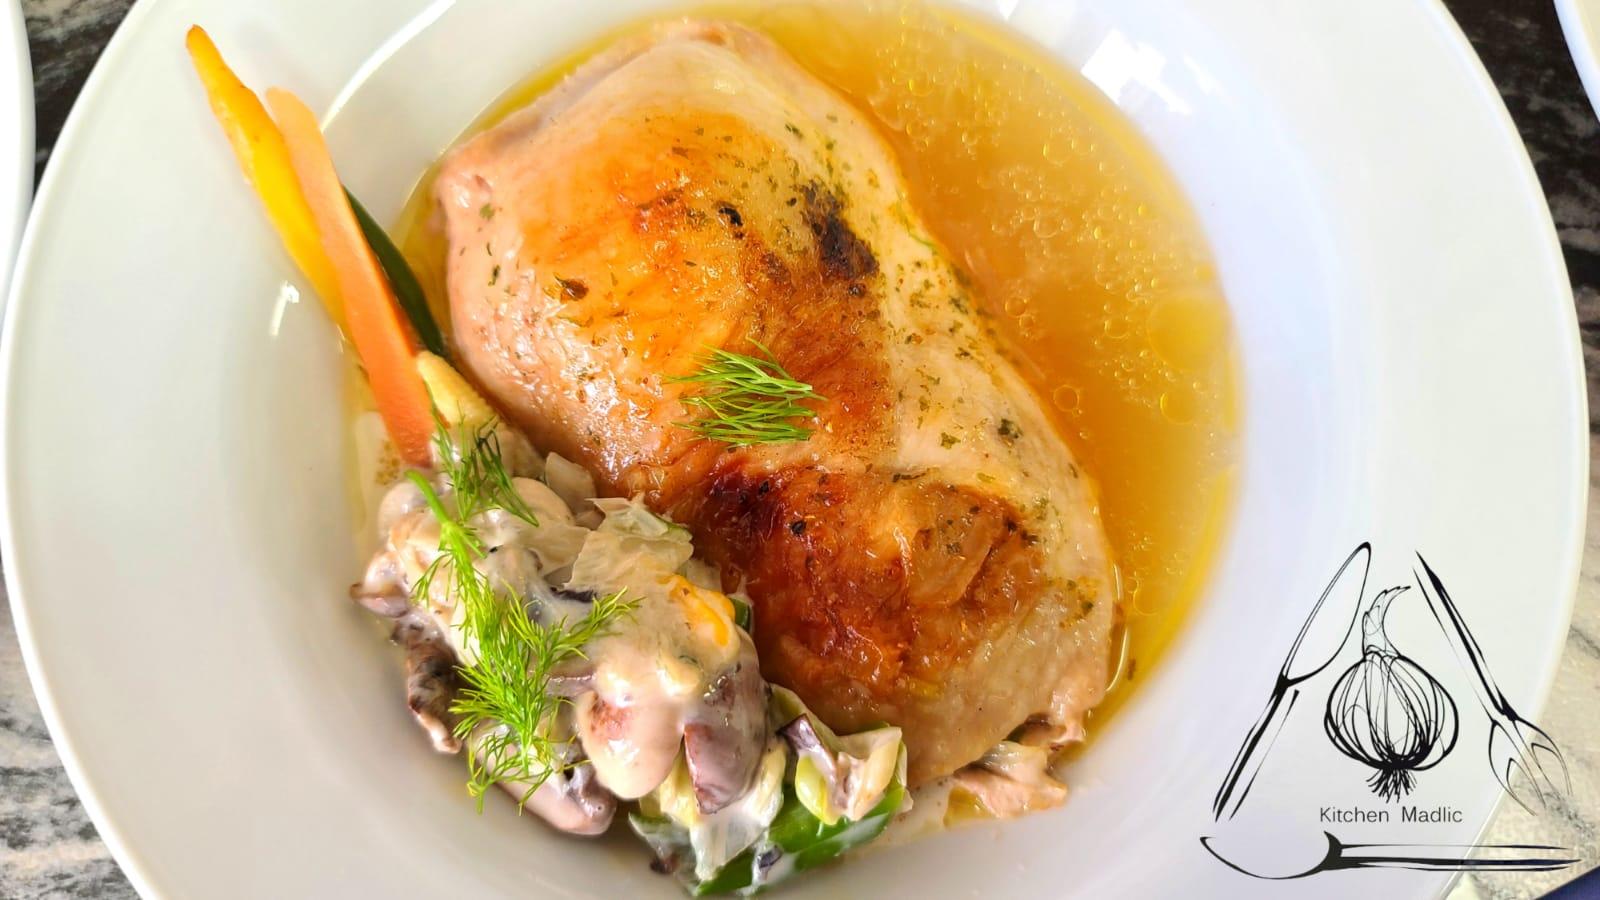 高湯燉焗雞卷配白酒奶油燴菜。(Kitchen Madlic提供)